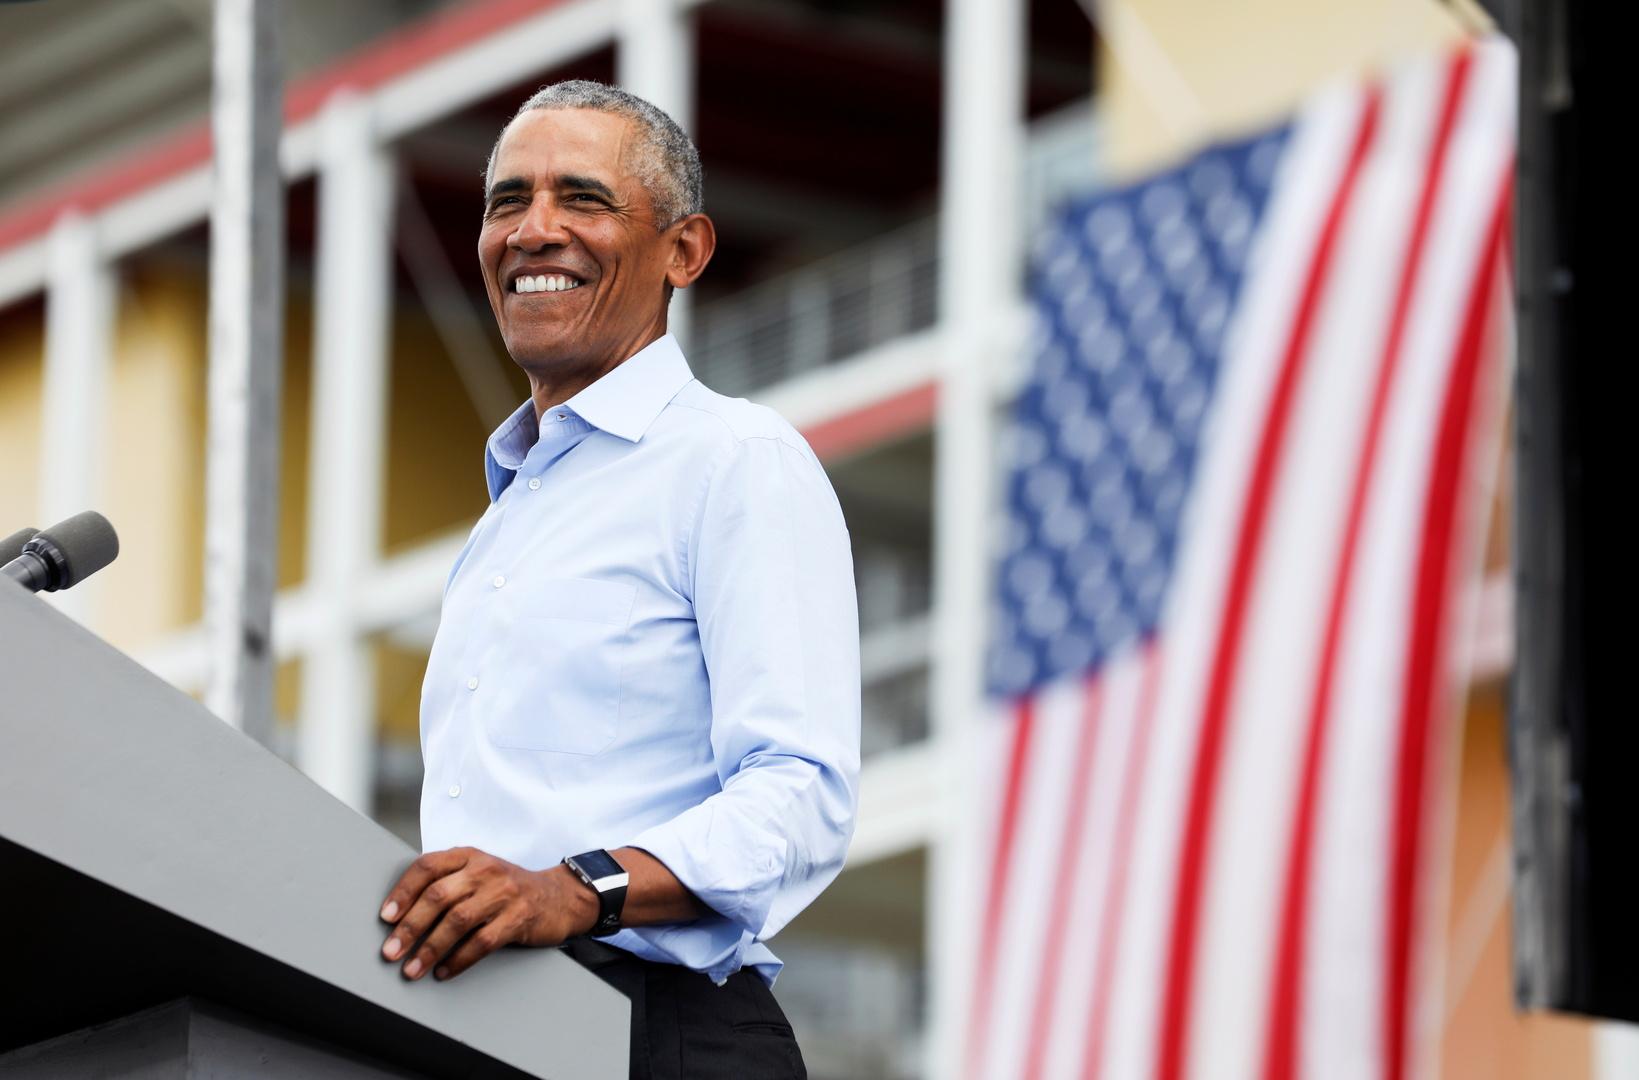 أوباما: استجابة حكومة الولايات المتحدة لأزمة كورونا